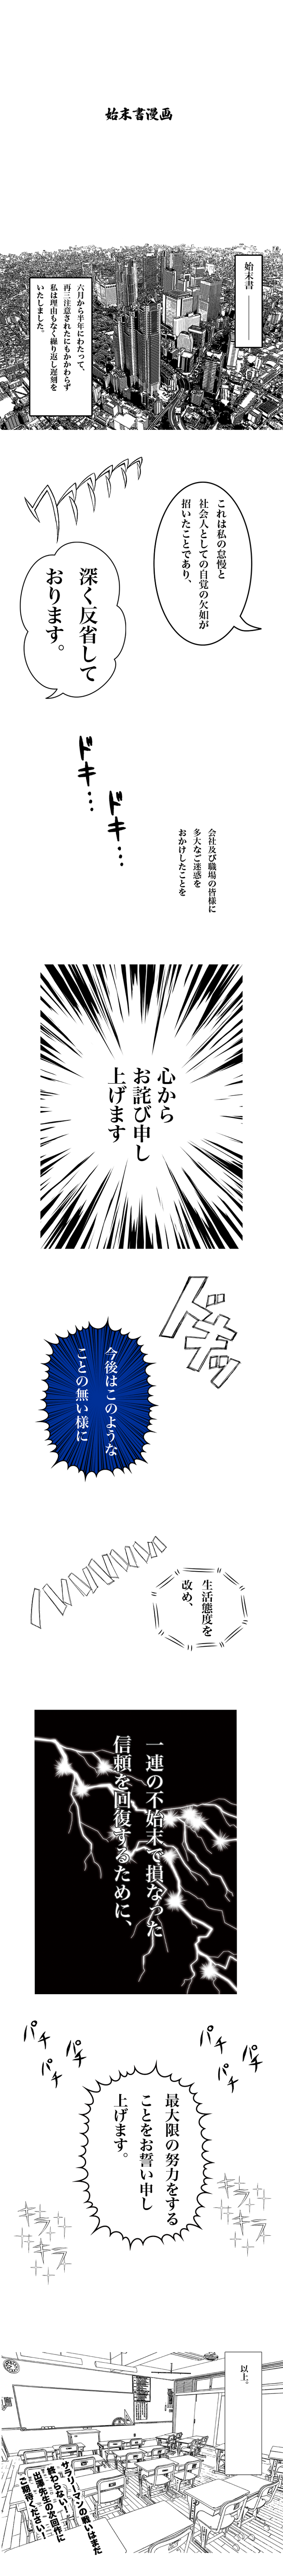 shimatsusyo